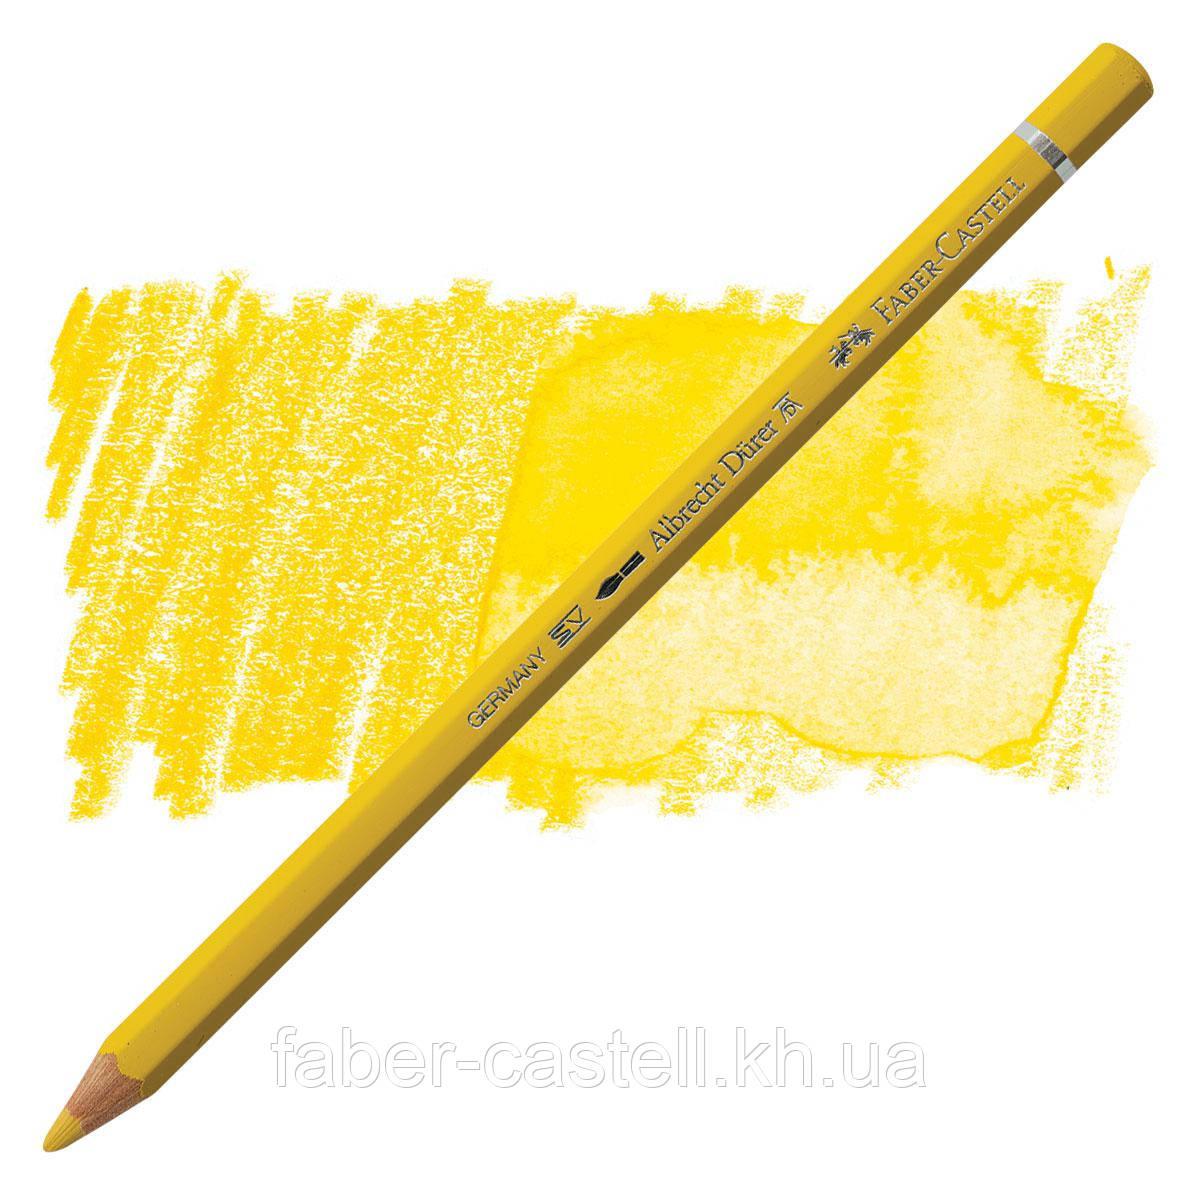 Карандаш акварельный цветной Faber-Castell A. Dürer неаполитанская желтизна  (Naples Yellow)  №185, 117685